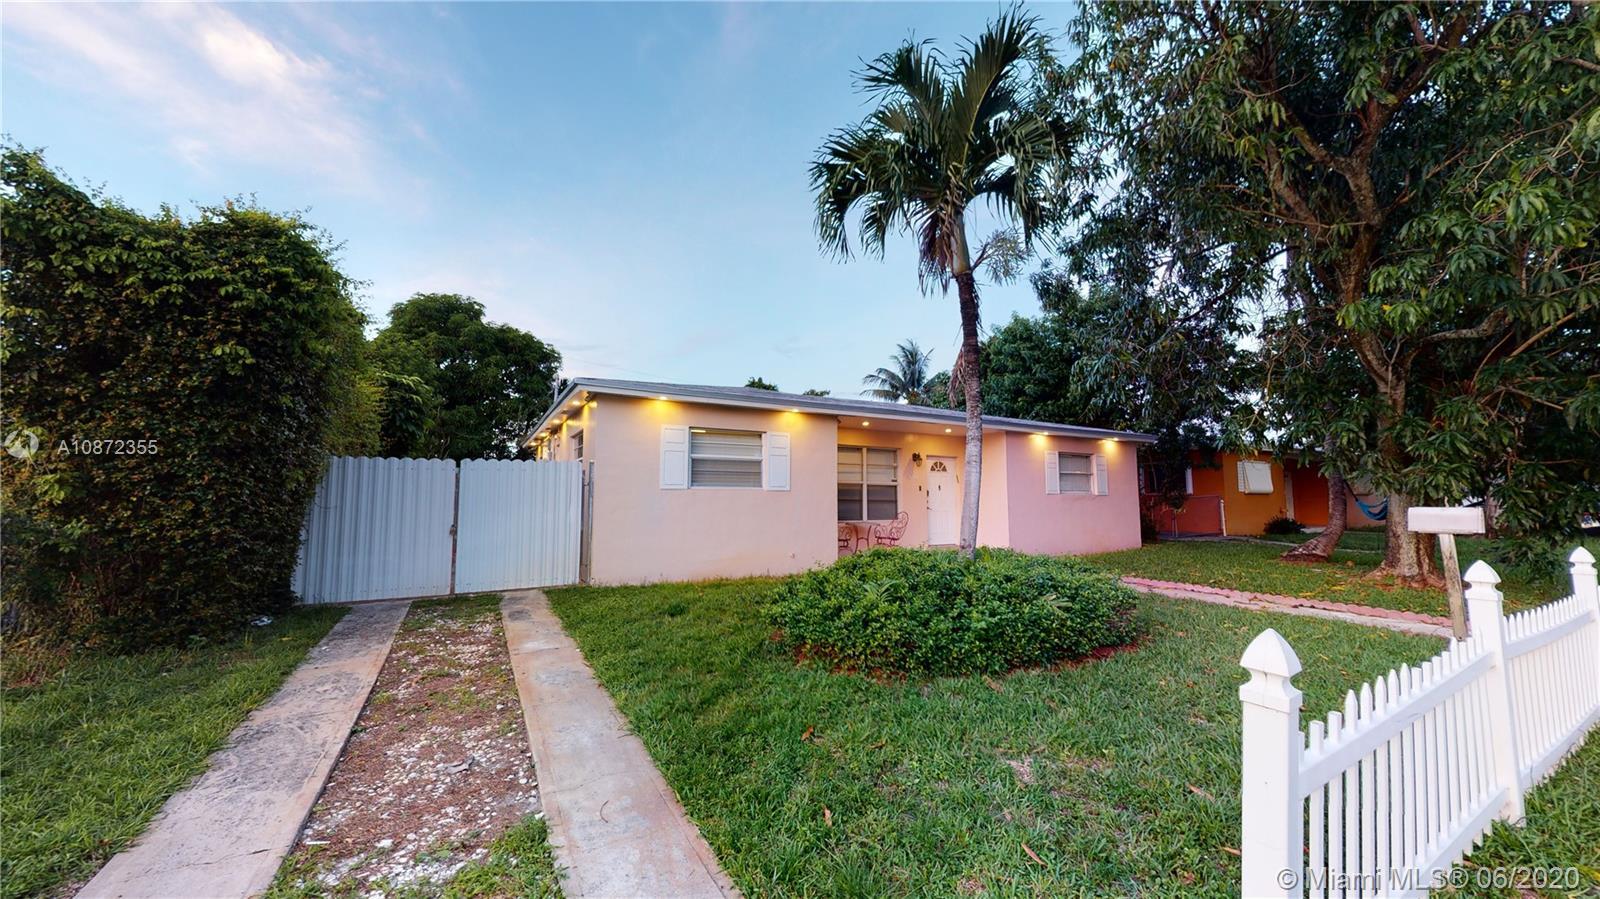 Windward - 16901 NE 8th Ave, North Miami Beach, FL 33162